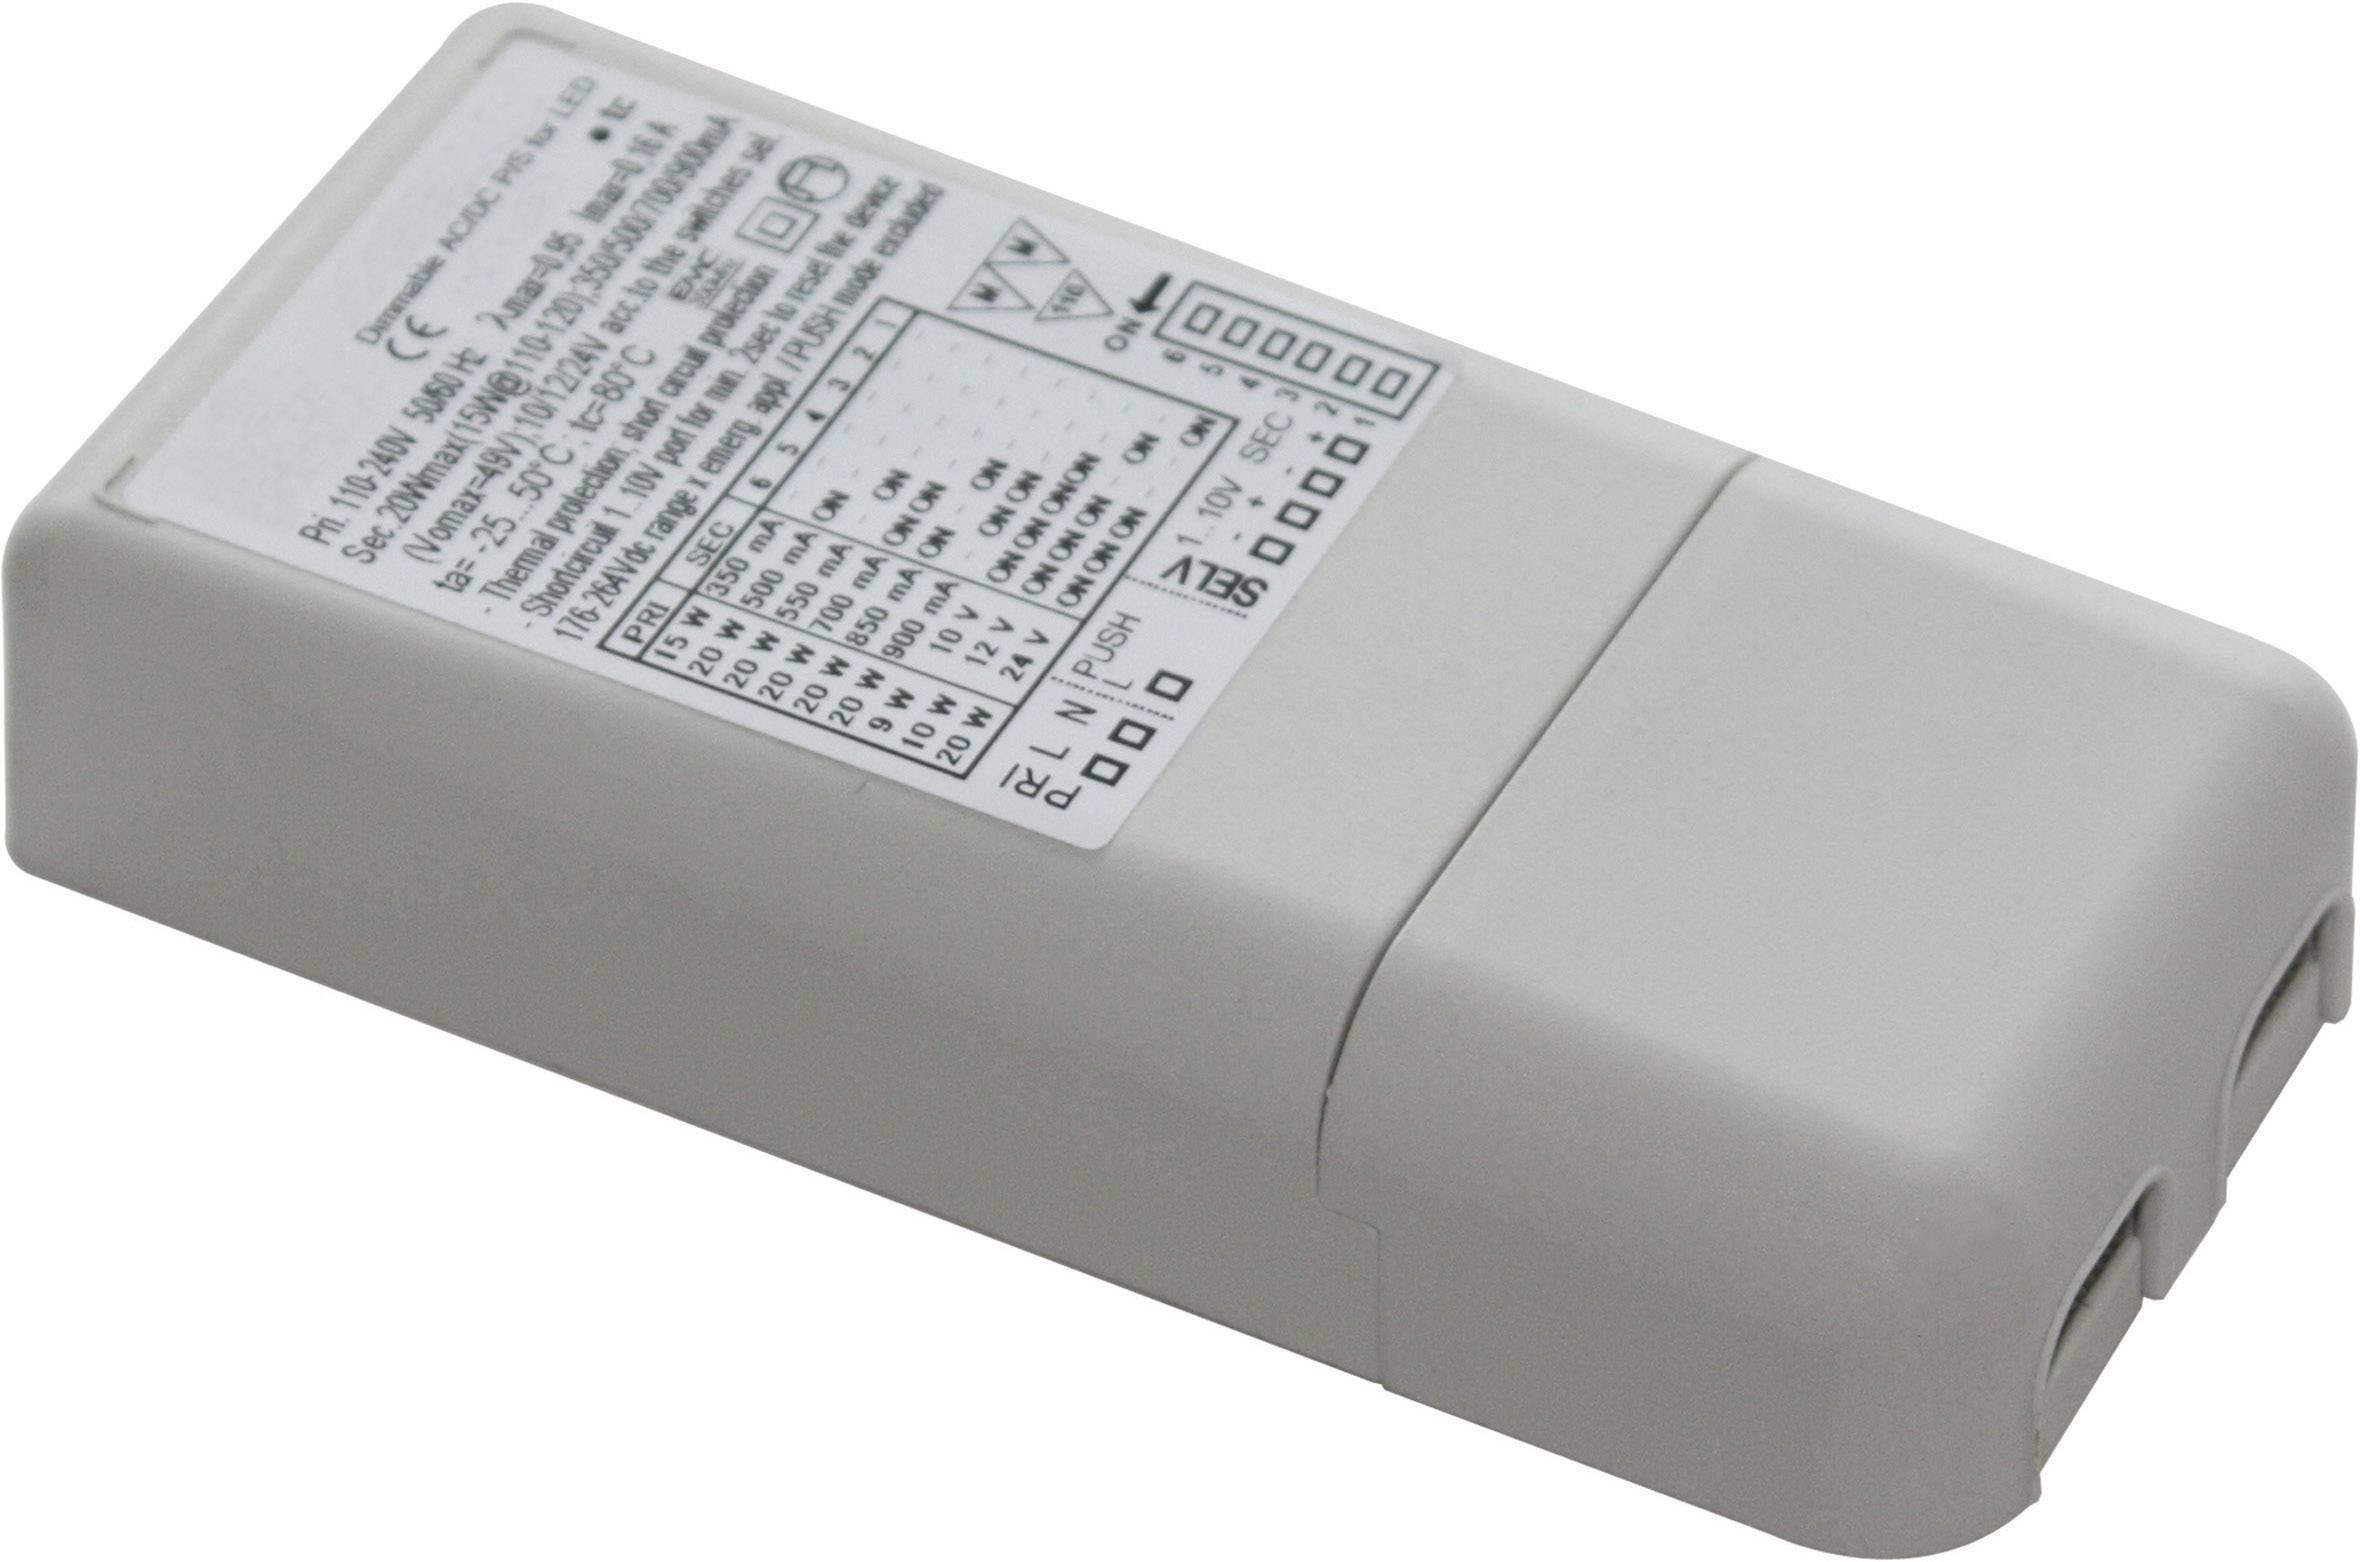 LED menič Barthelme LED Konverter Universal 20W, 900 mA, prevádzkové napätie (max.) 264 V/DC, 264 V/AC